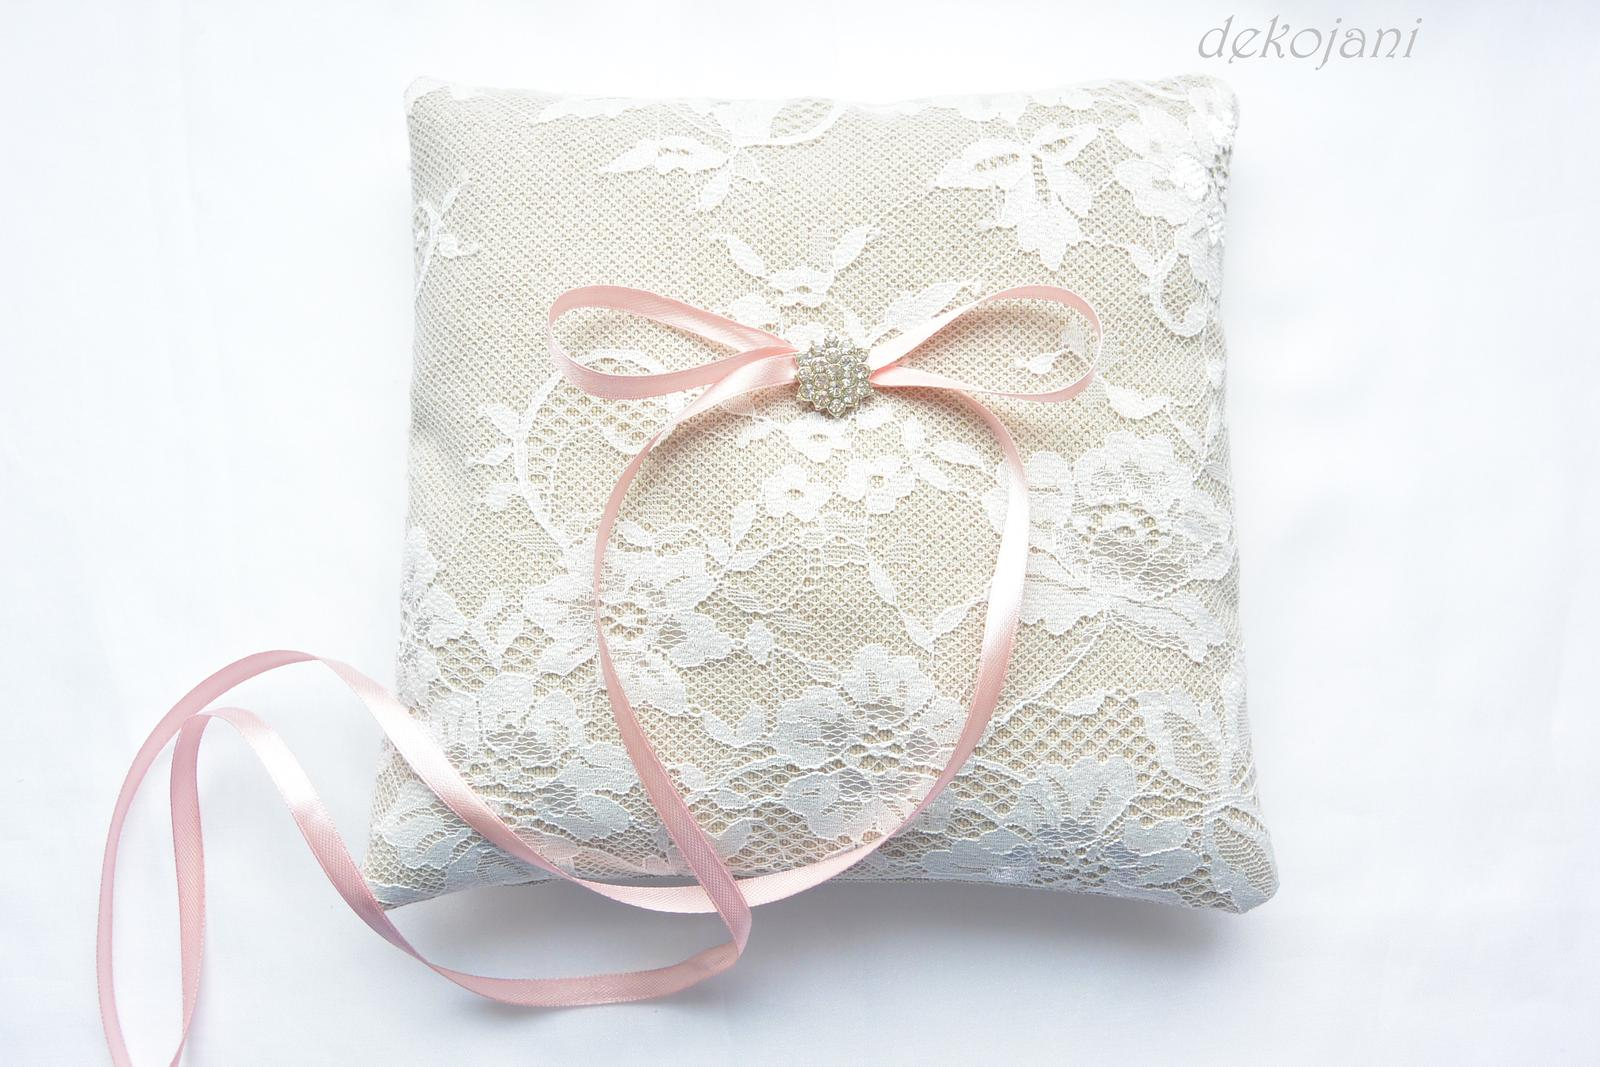 Luxusní svatební doplňky a dekorace. - Obrázek č. 5